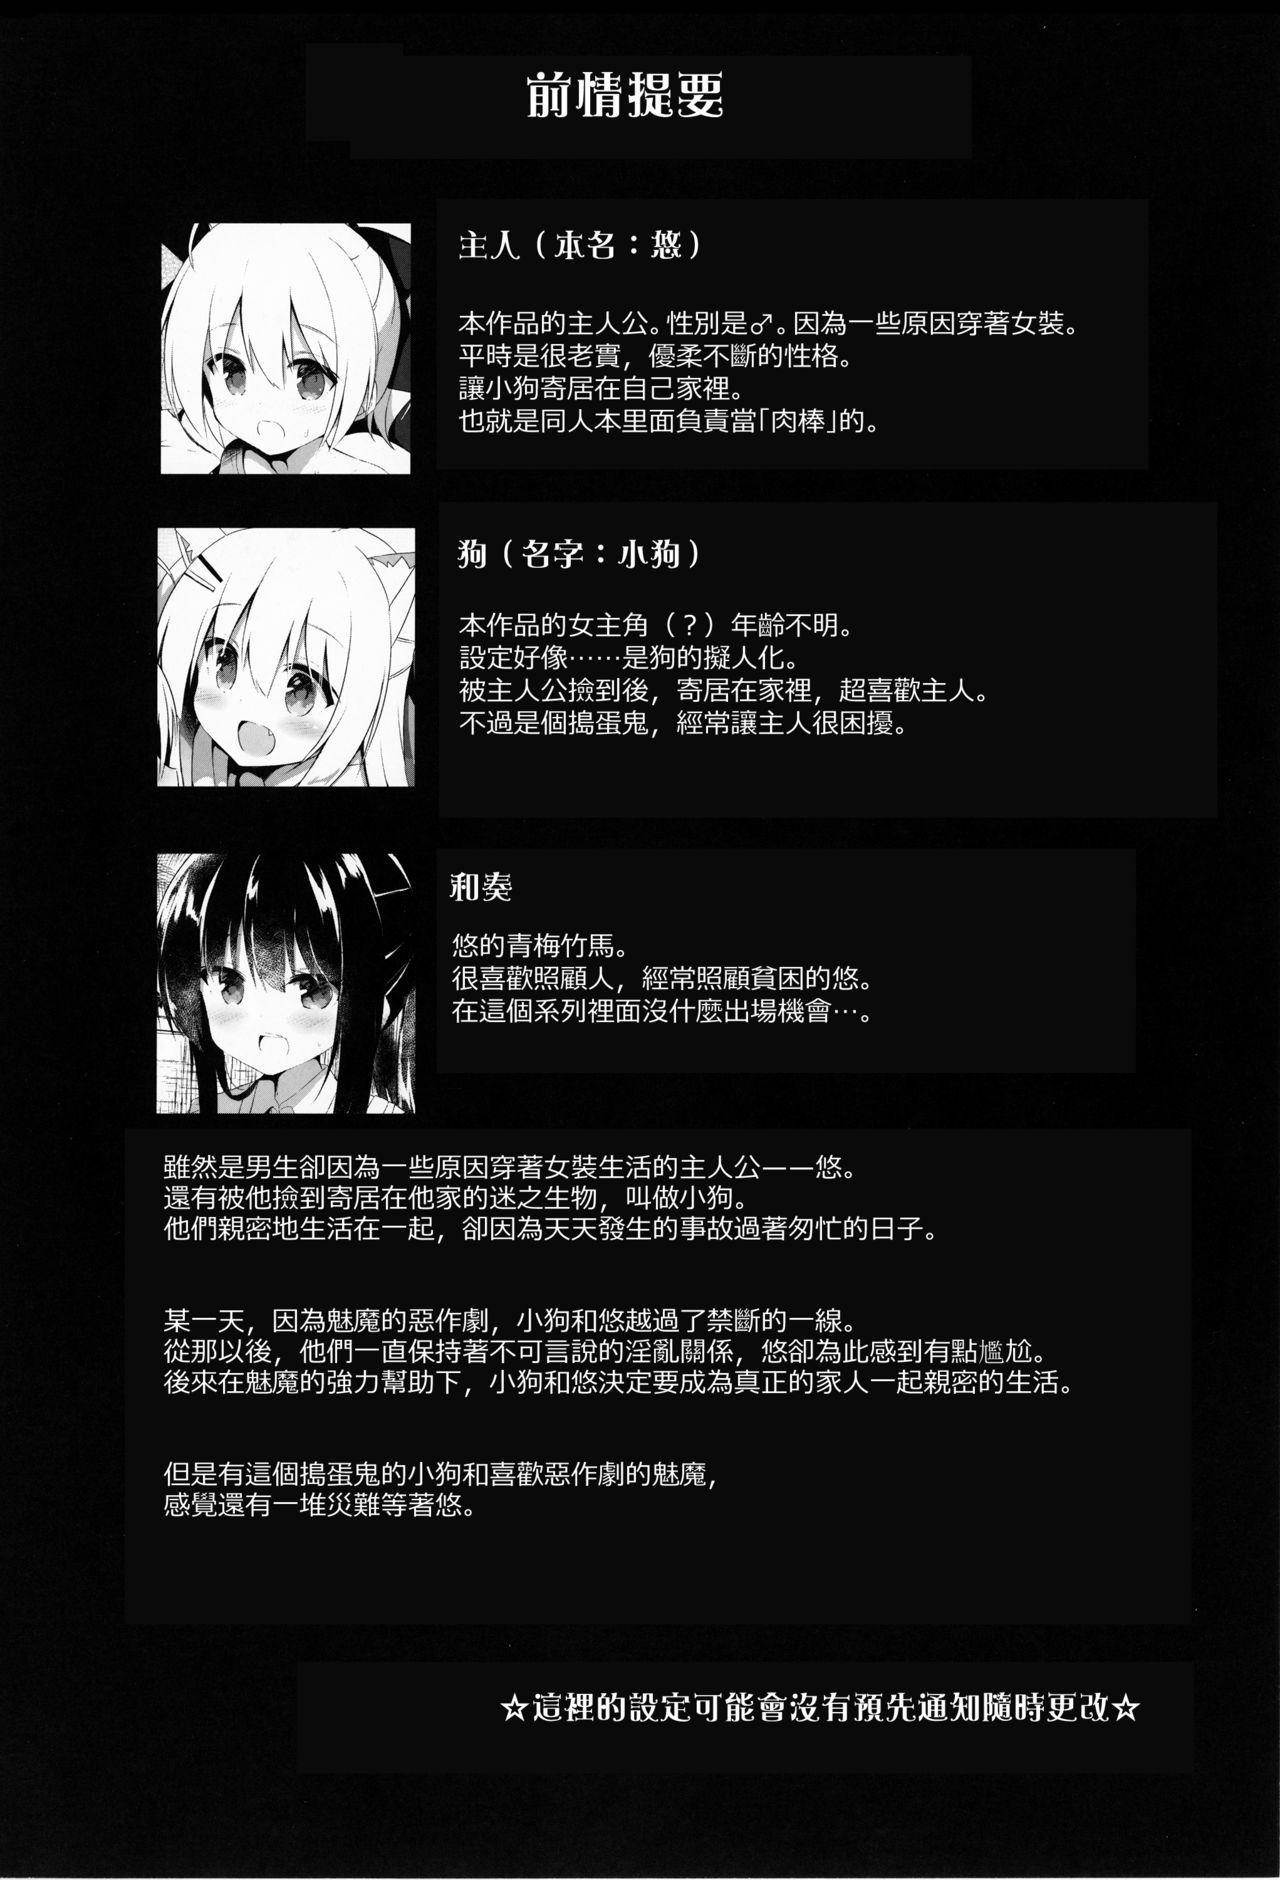 (C95) [DOGYEAR (Kujou Danbo)] Goshujin-sama to Koinu no Midareta Seikatsu 5-kame [Chinese] [CE家族社] 2